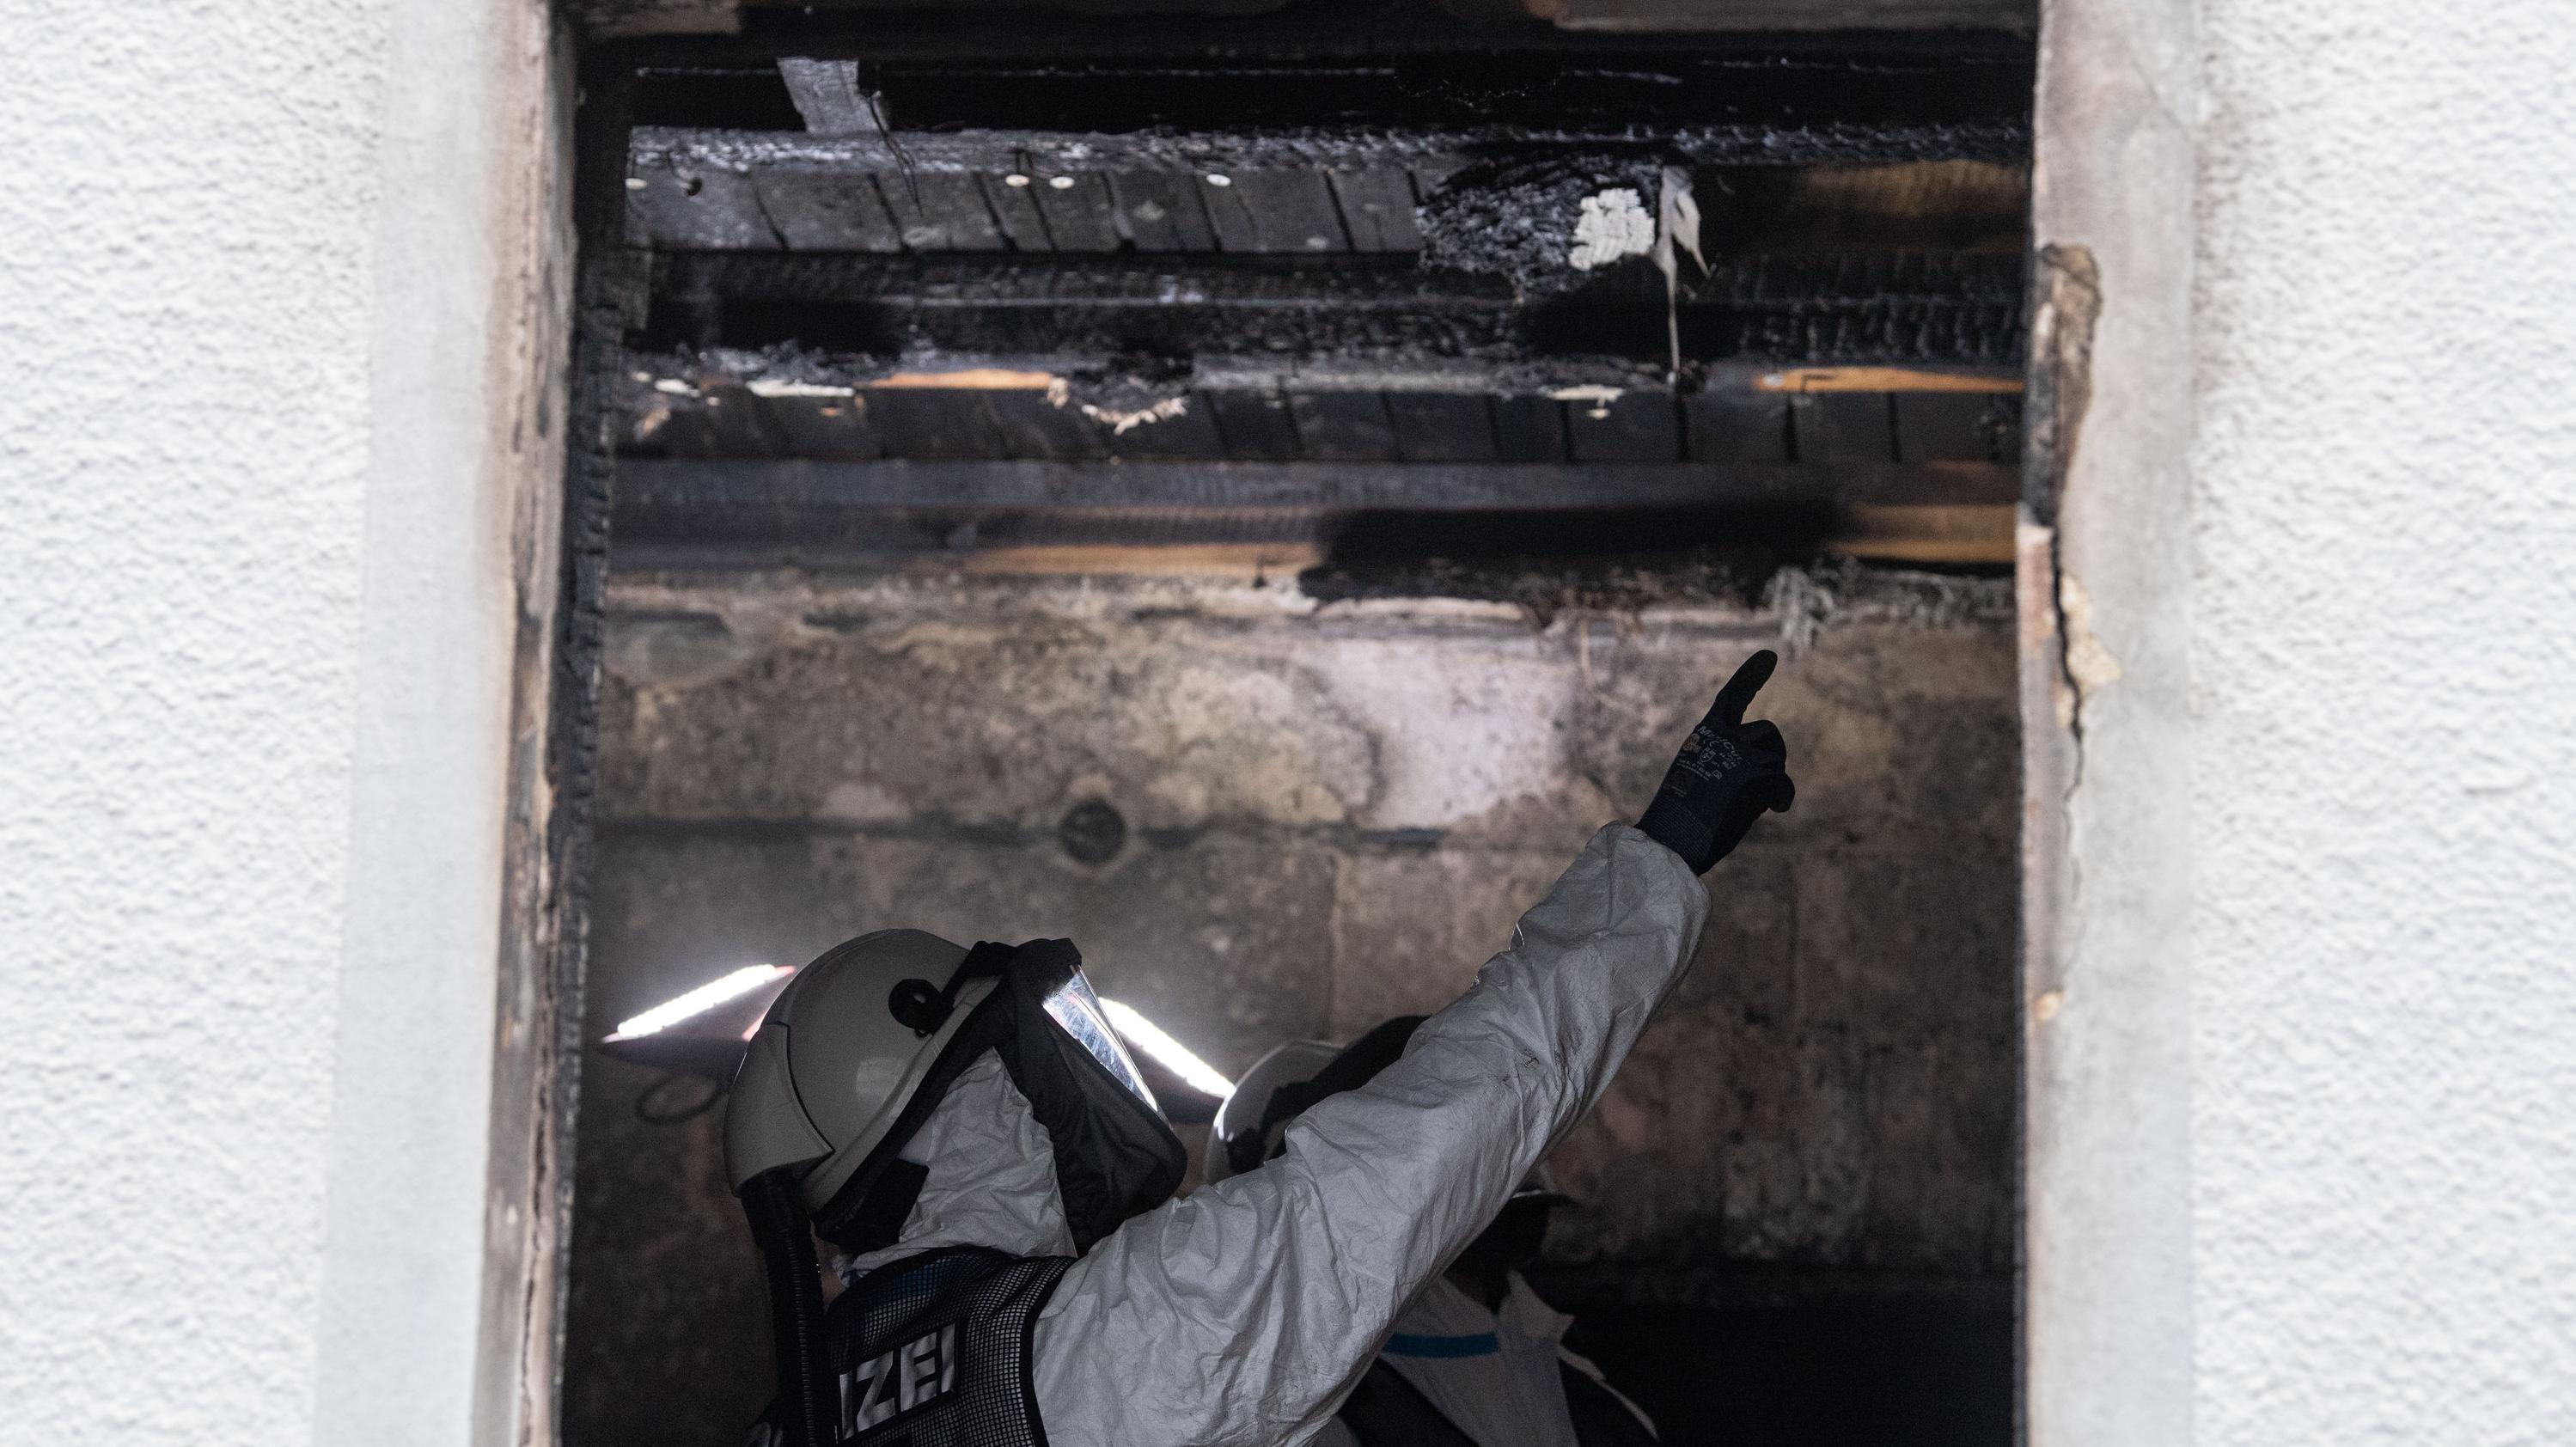 Ein Kriminaltechniker der Polizei in Atemschutzkleidung begutachtet im ausgebrannten Haus die Schäden.